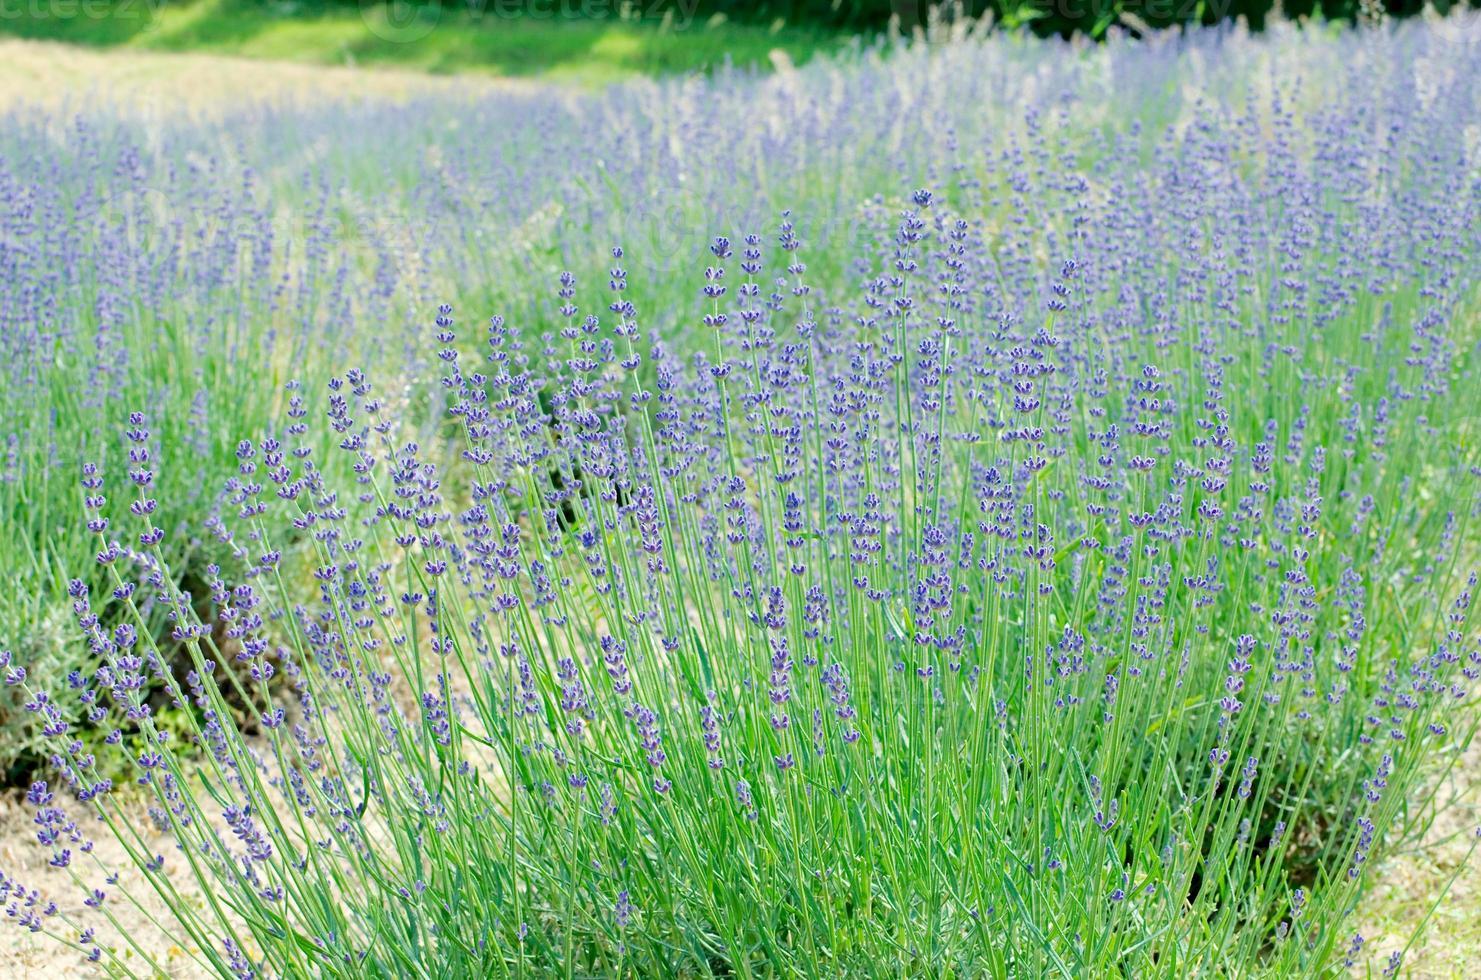 Lavender Bush Close-up photo